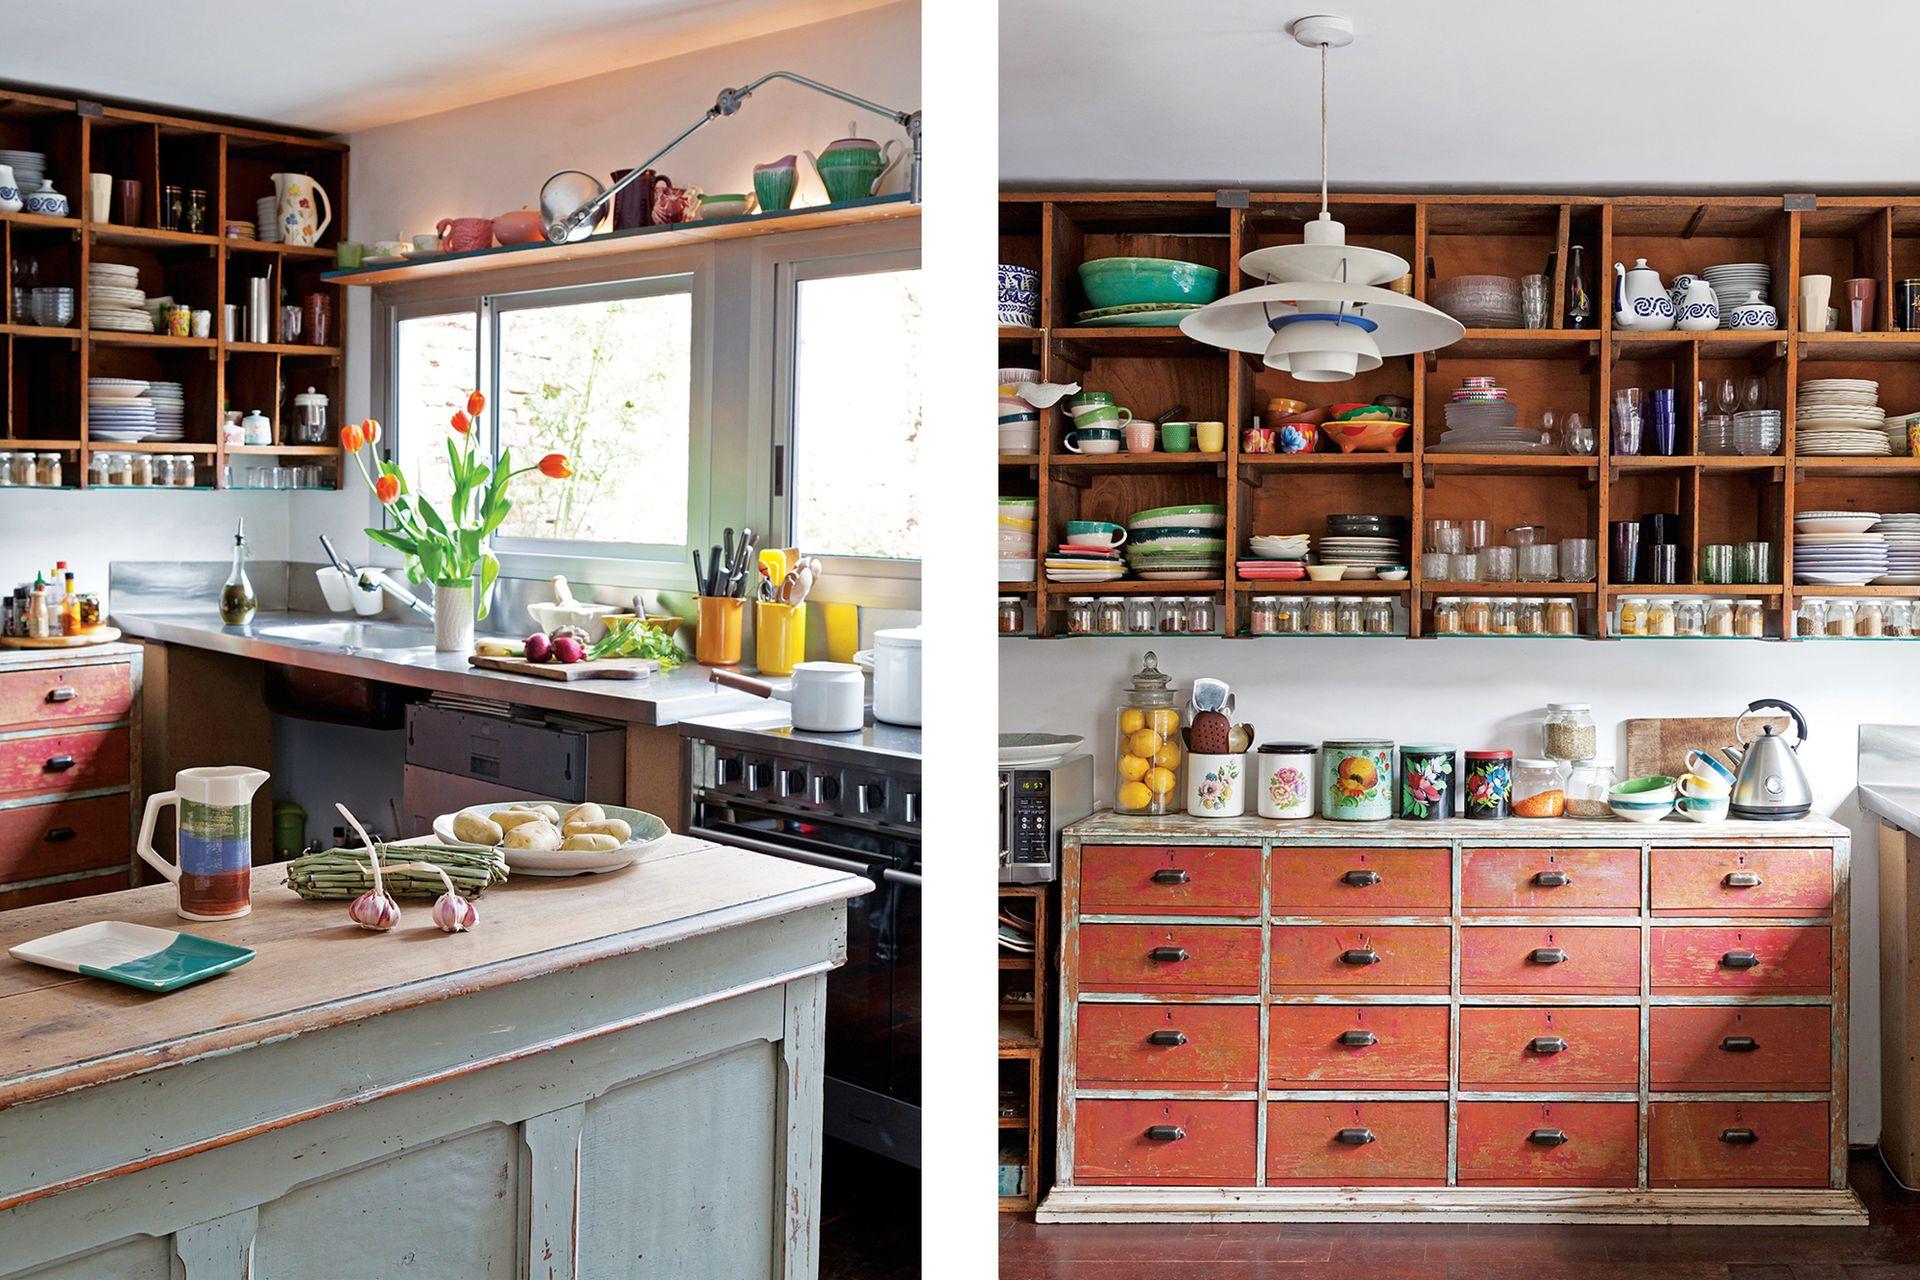 Los paños de las ventanas de la cocina, igual que las del resto de la casa guardan la proporción de 1/3 y 2/3. La repisa retroiluminada destaca parte de la colección de vajilla.